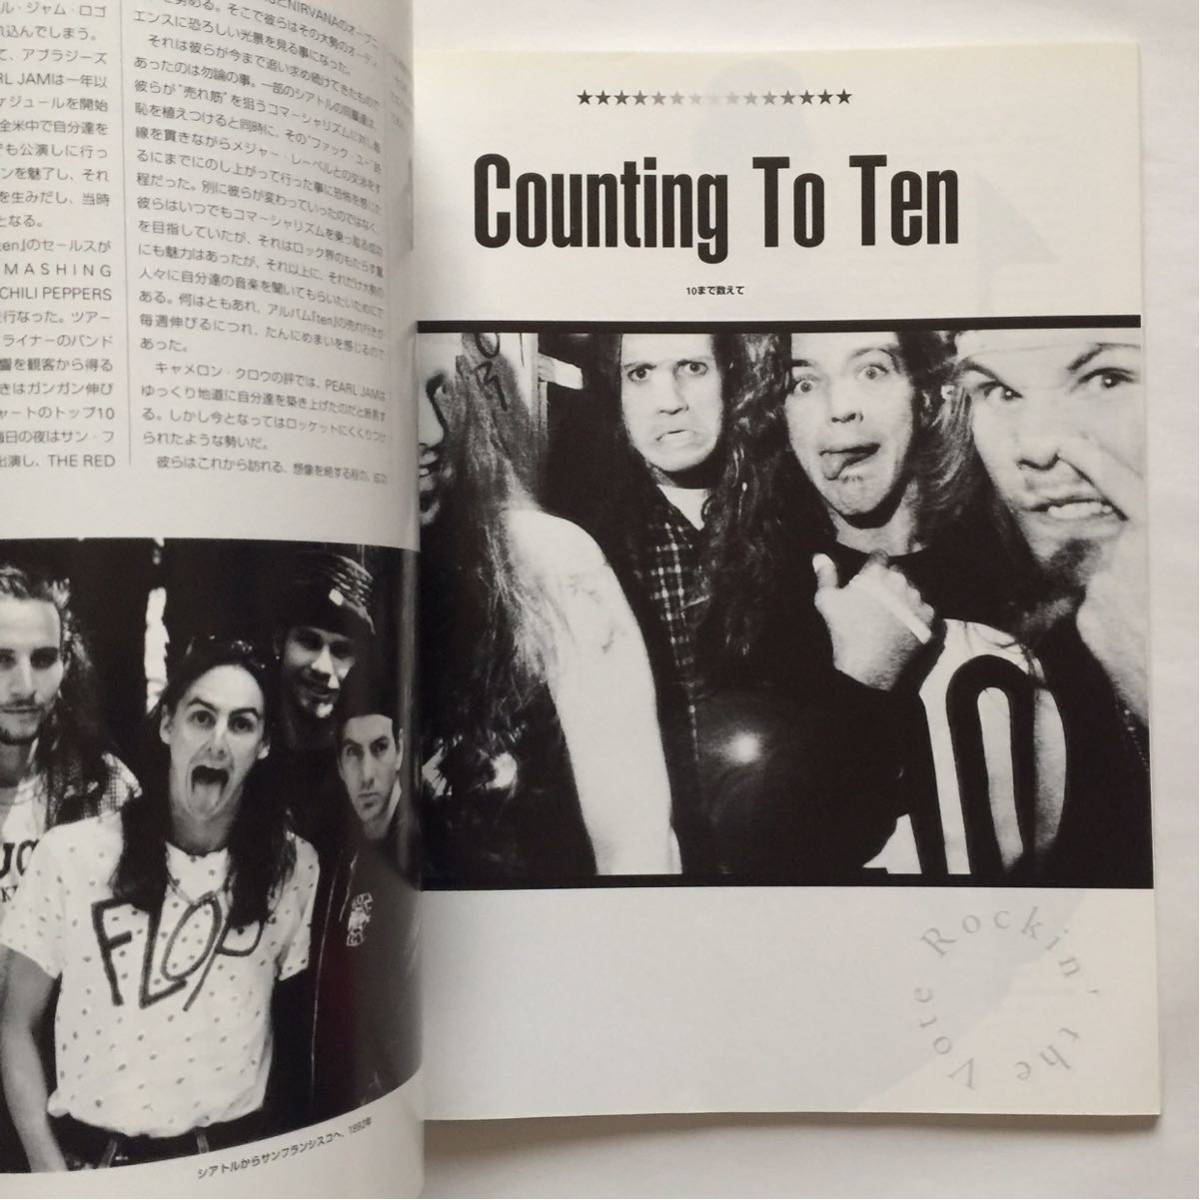 【絶版・貴重・初版】Pearl Jam/ パールジャム The Illustrated Story/シアトル発、世界制覇!その栄光と苦悩 1996年 本 日本語 当時物_画像9